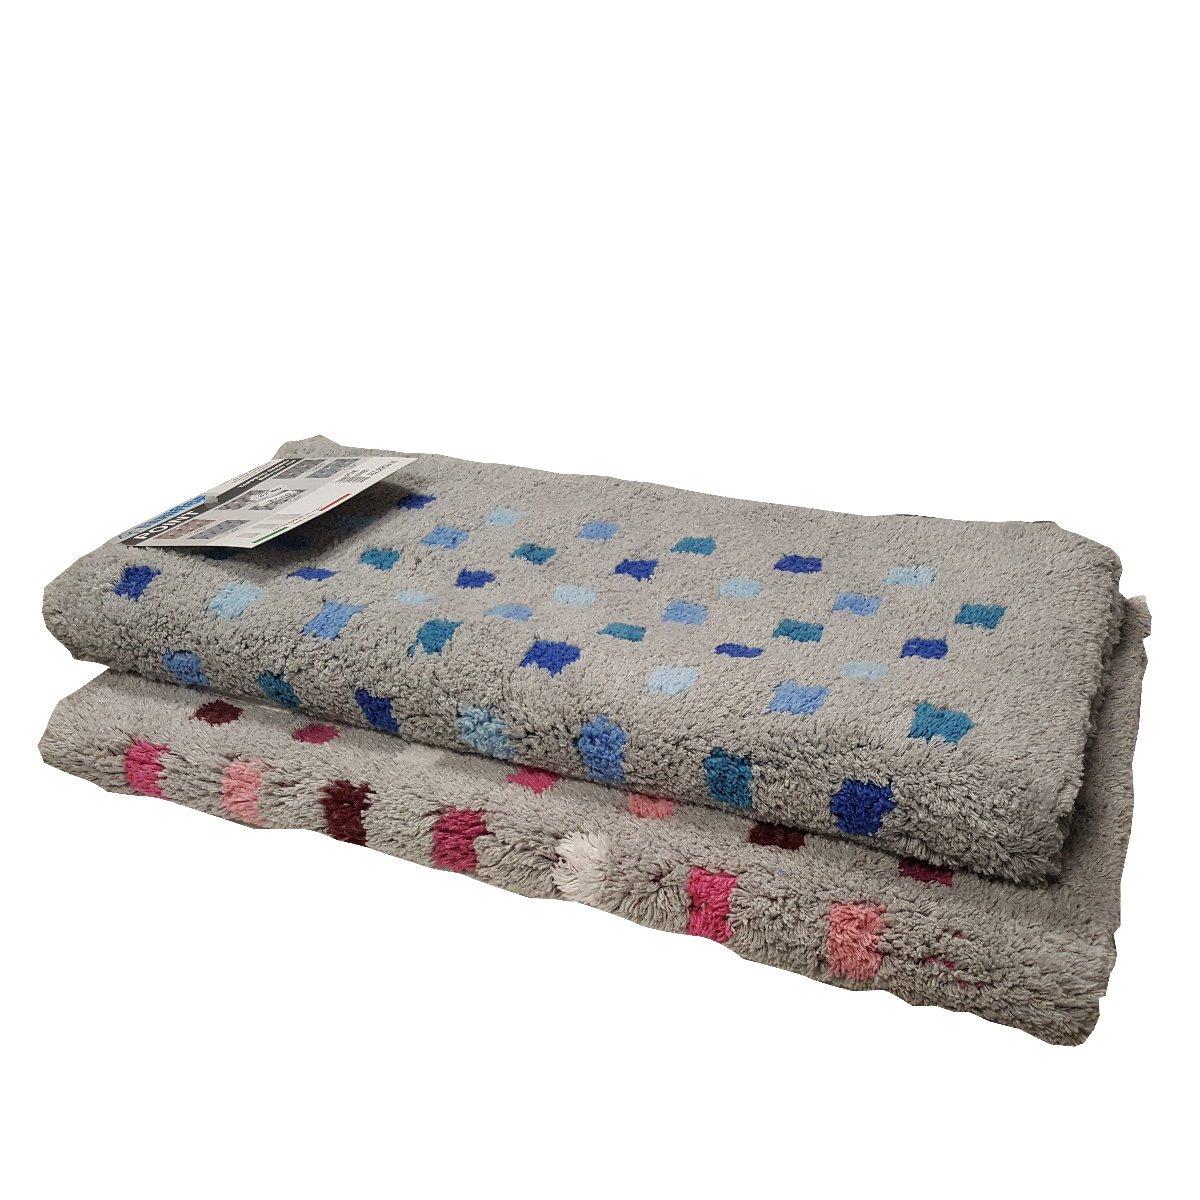 Vendita tappeto bagno agnellato confortevole iedeale per - Saniflor tappeti bagno ...